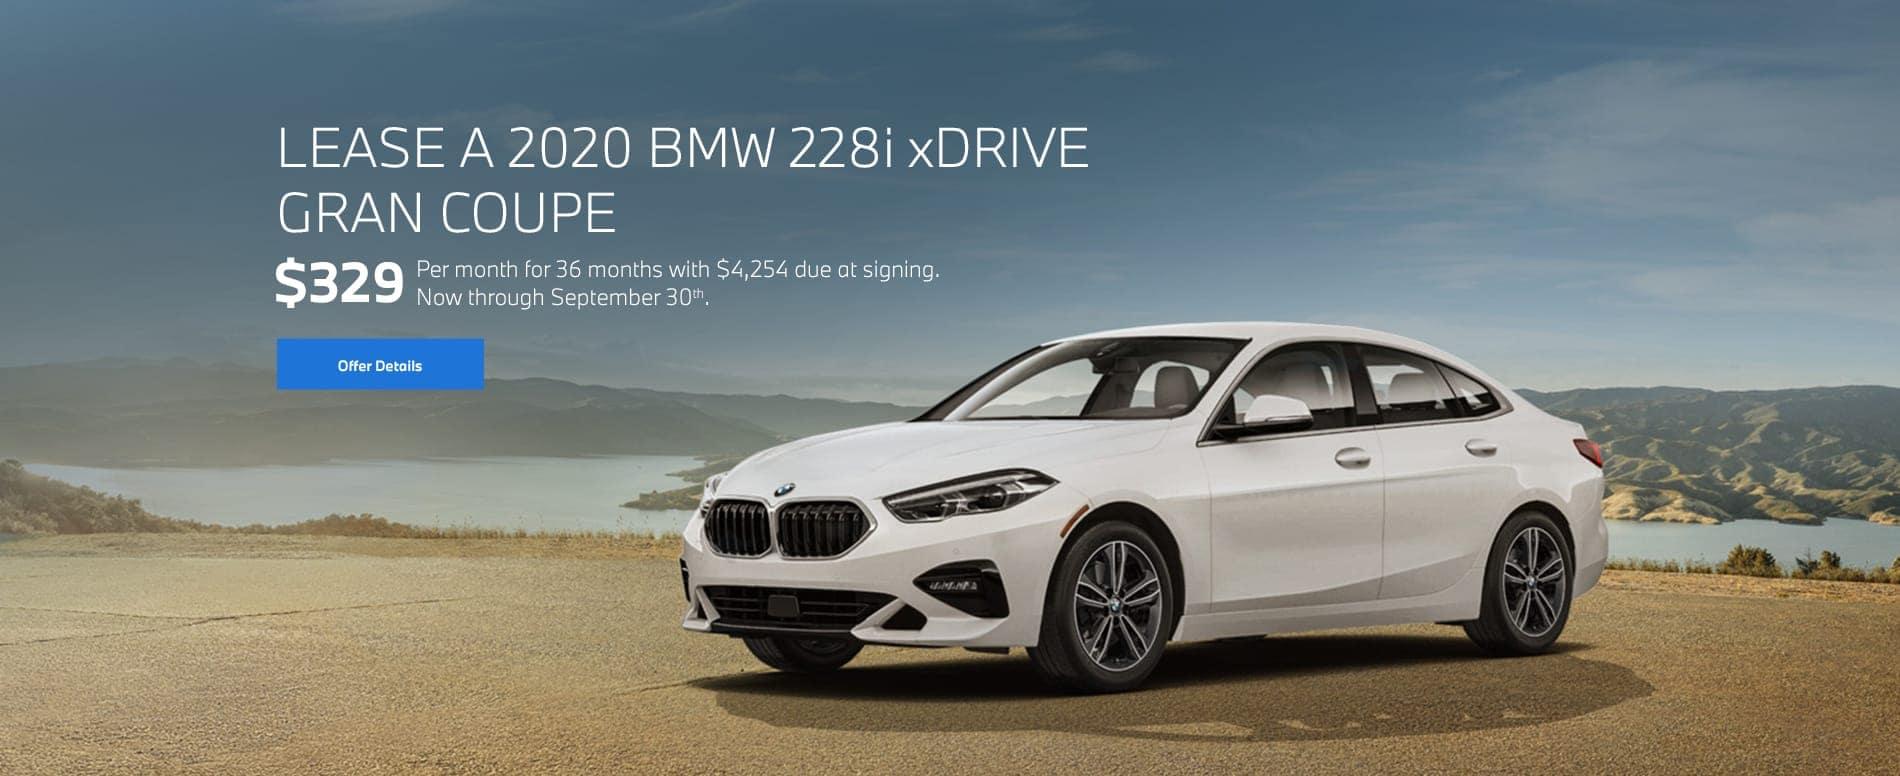 PUSH_2020_BMW_228i_xDrive_329_1900x776_DESKTOP (1)